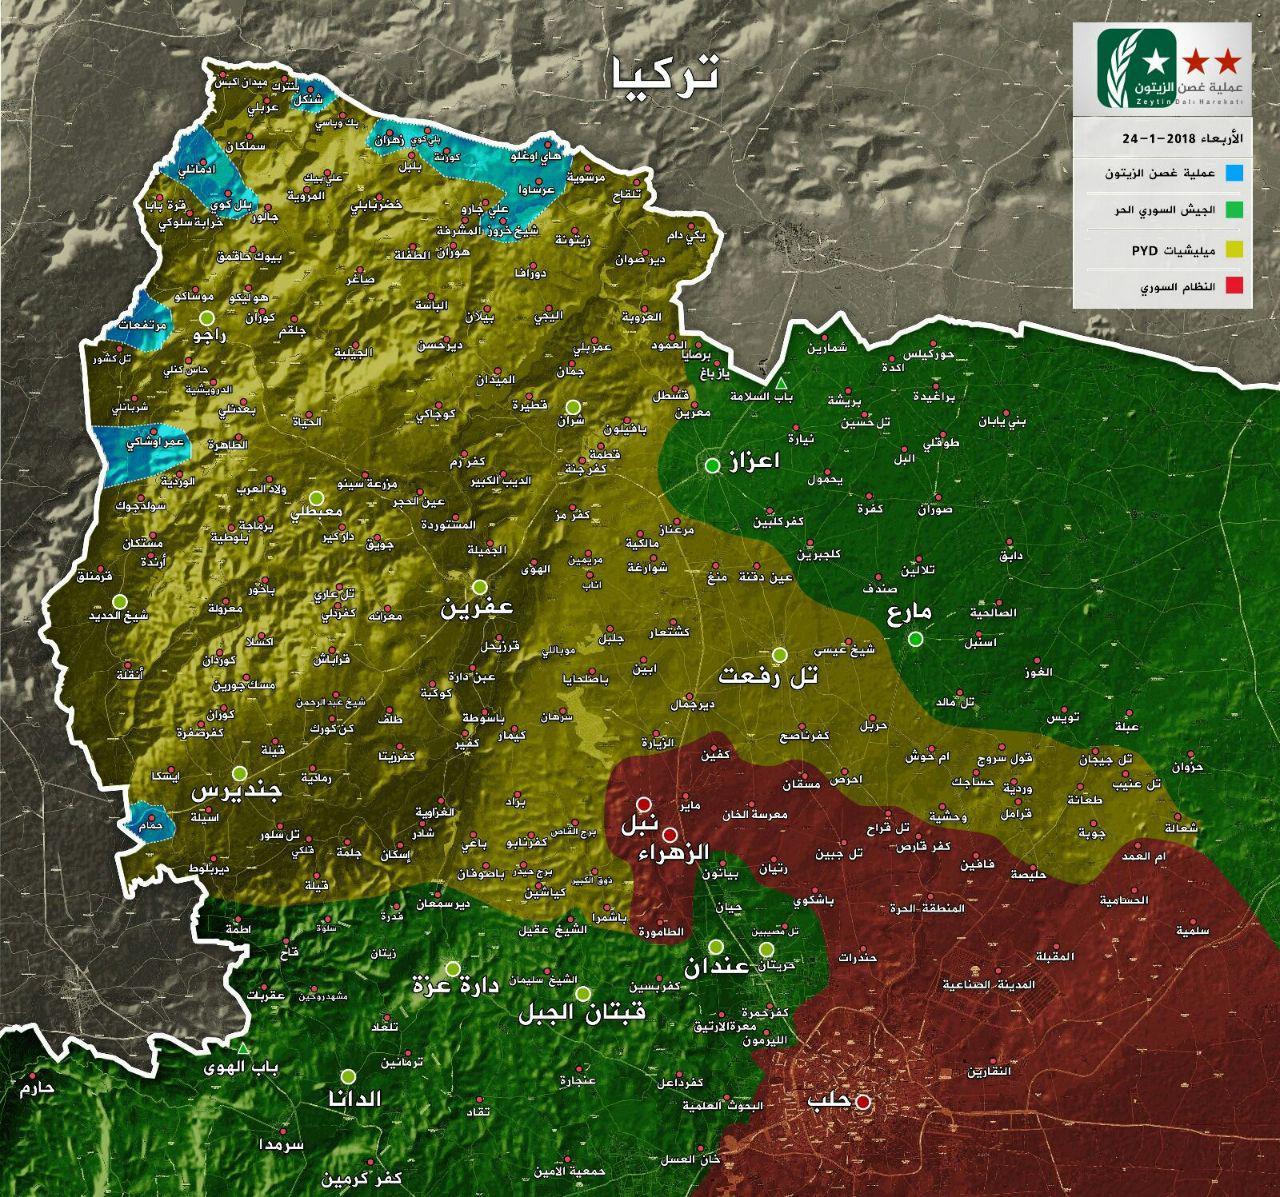 خريطة السيطرة في محيط عفرين بريف حلب - 25 كانون الثاني 2018 (عملية غصن الزيتون الرسمية في تيلغرام)